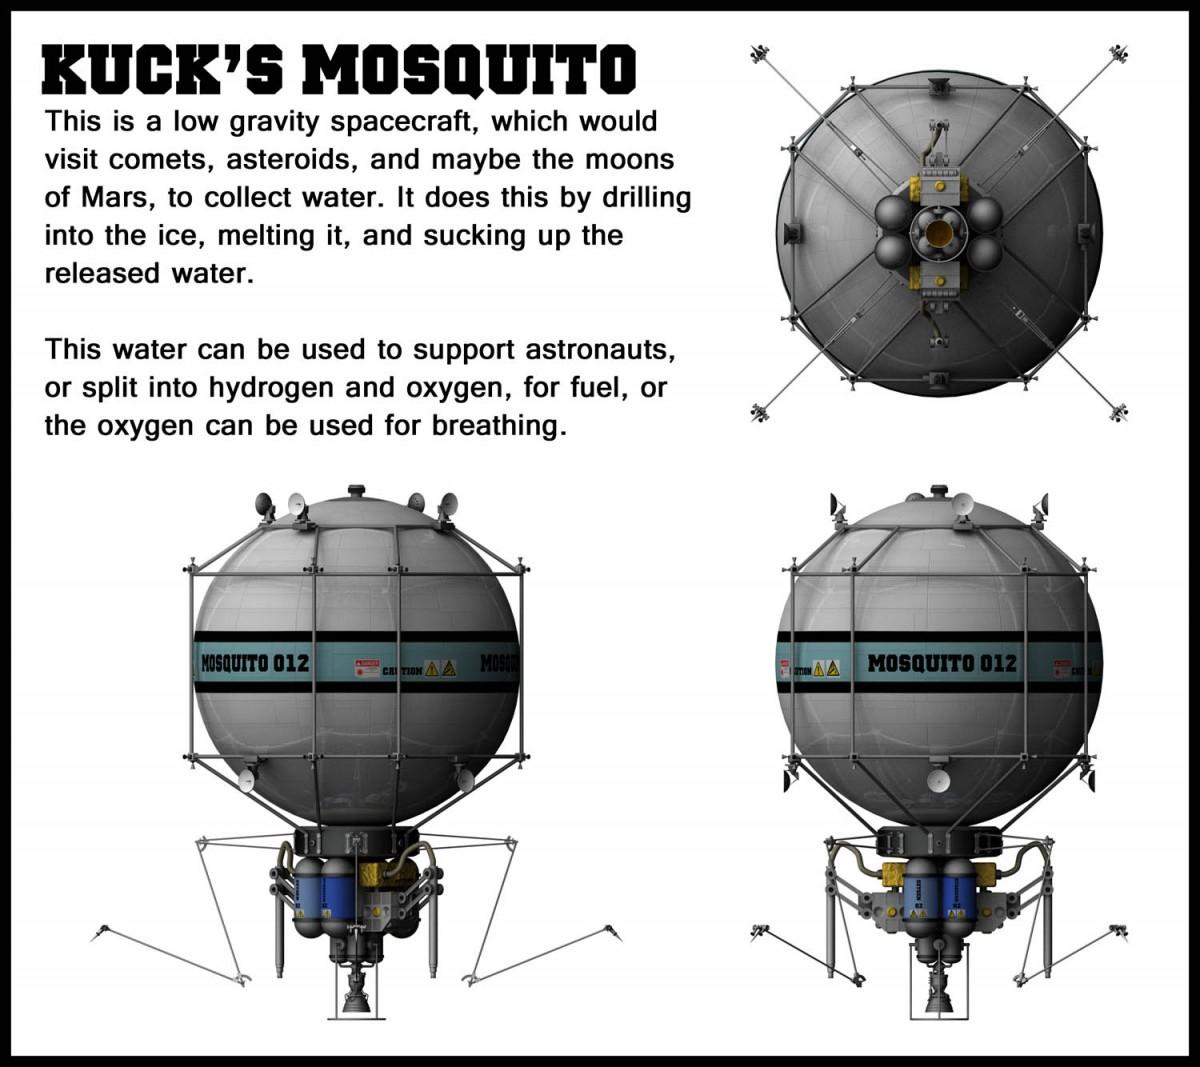 Kuck's Mosquito